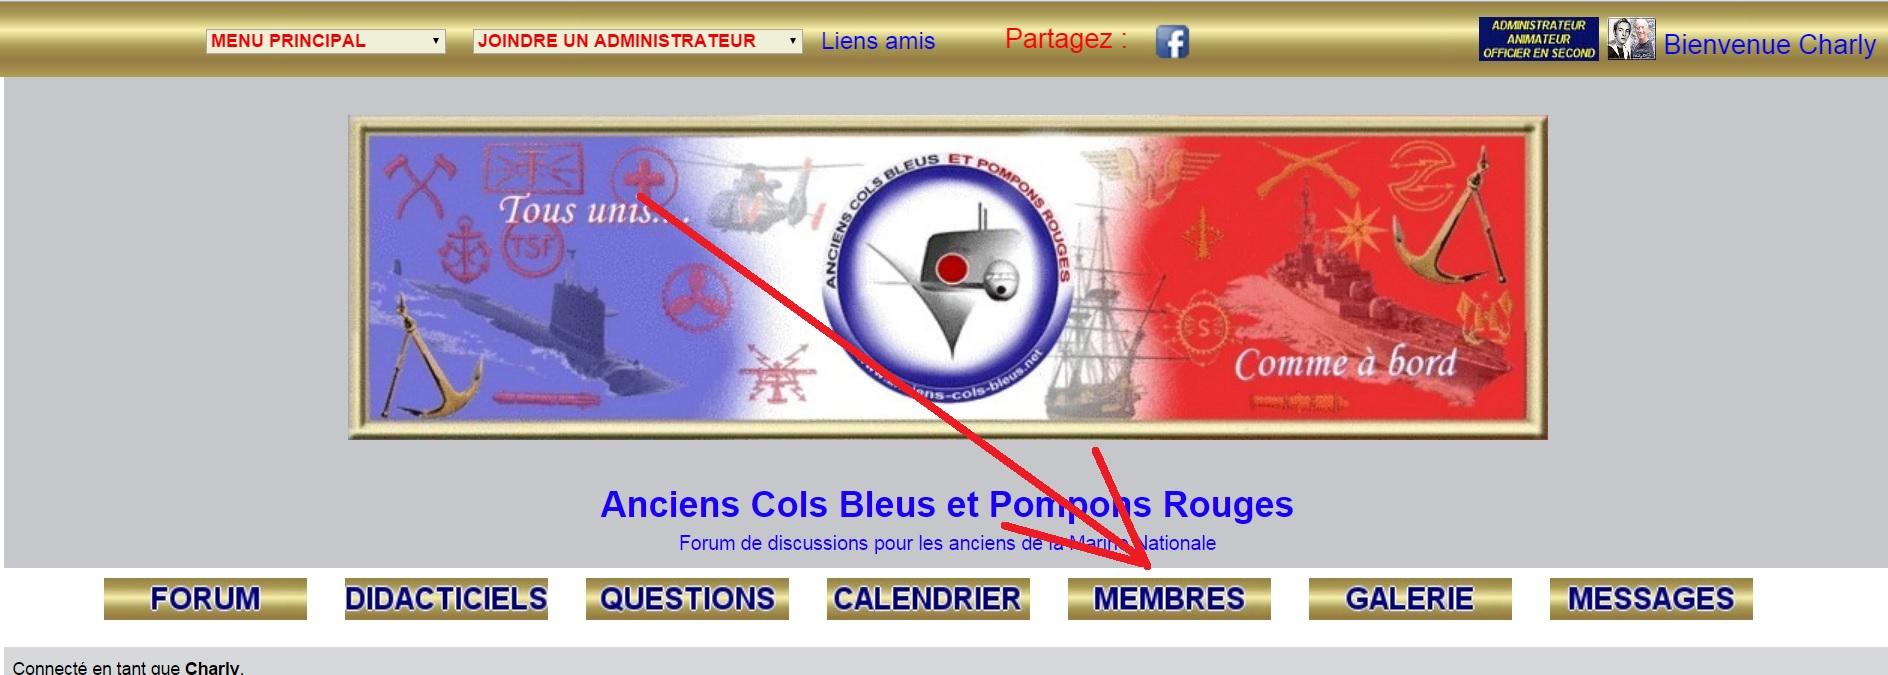 Recherche camarade : Jean-Pierre MARTIN inscrit sur ce site qu'il m'a fait connaître. 931417741